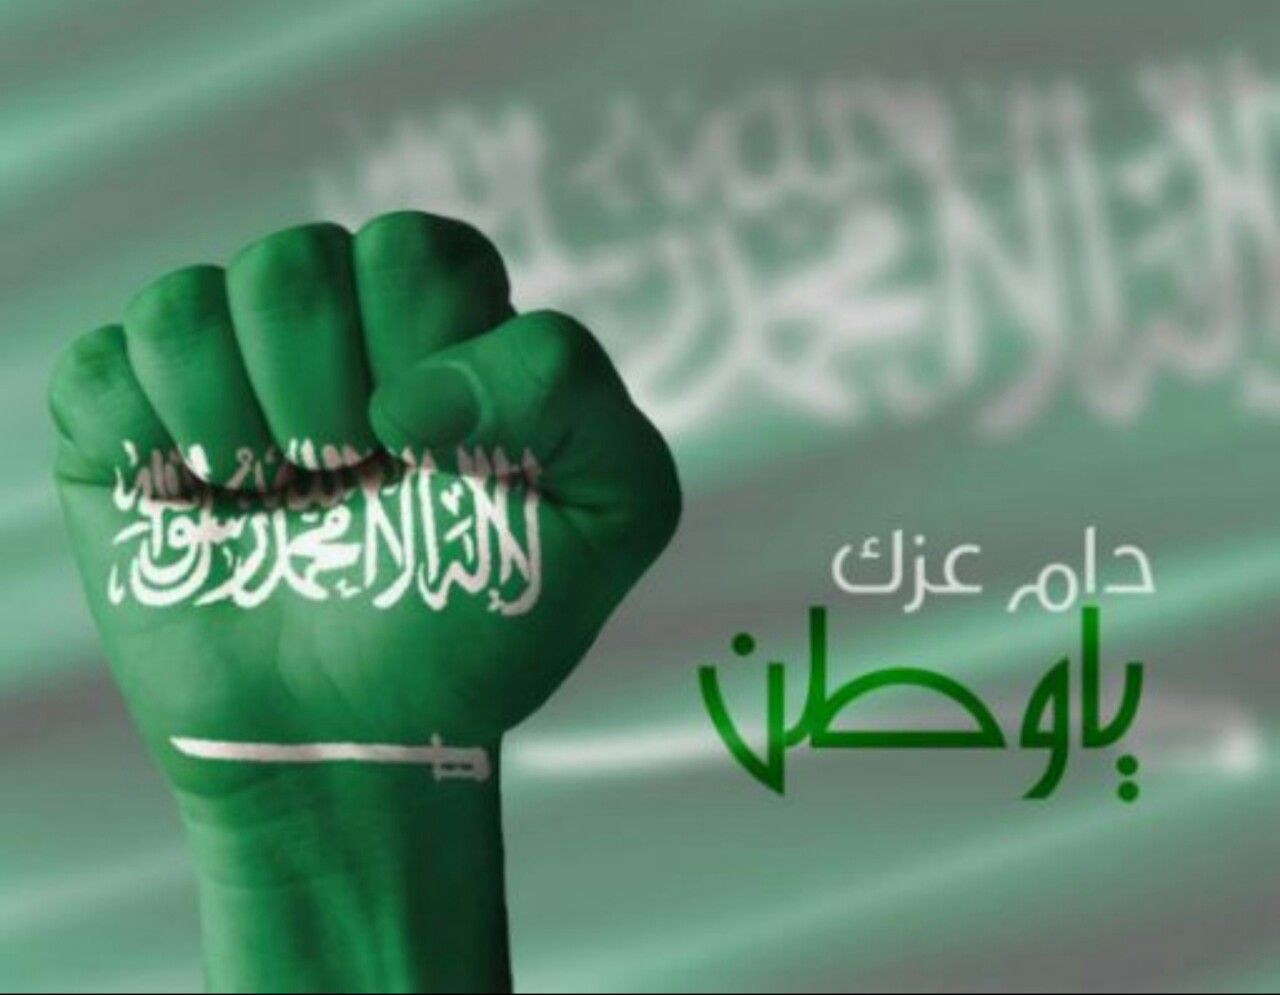 العيد الوطني السعودي 23 سبتمبر غرة الميزان Saudi Arabia Flag National Days In September Prince Mohammed